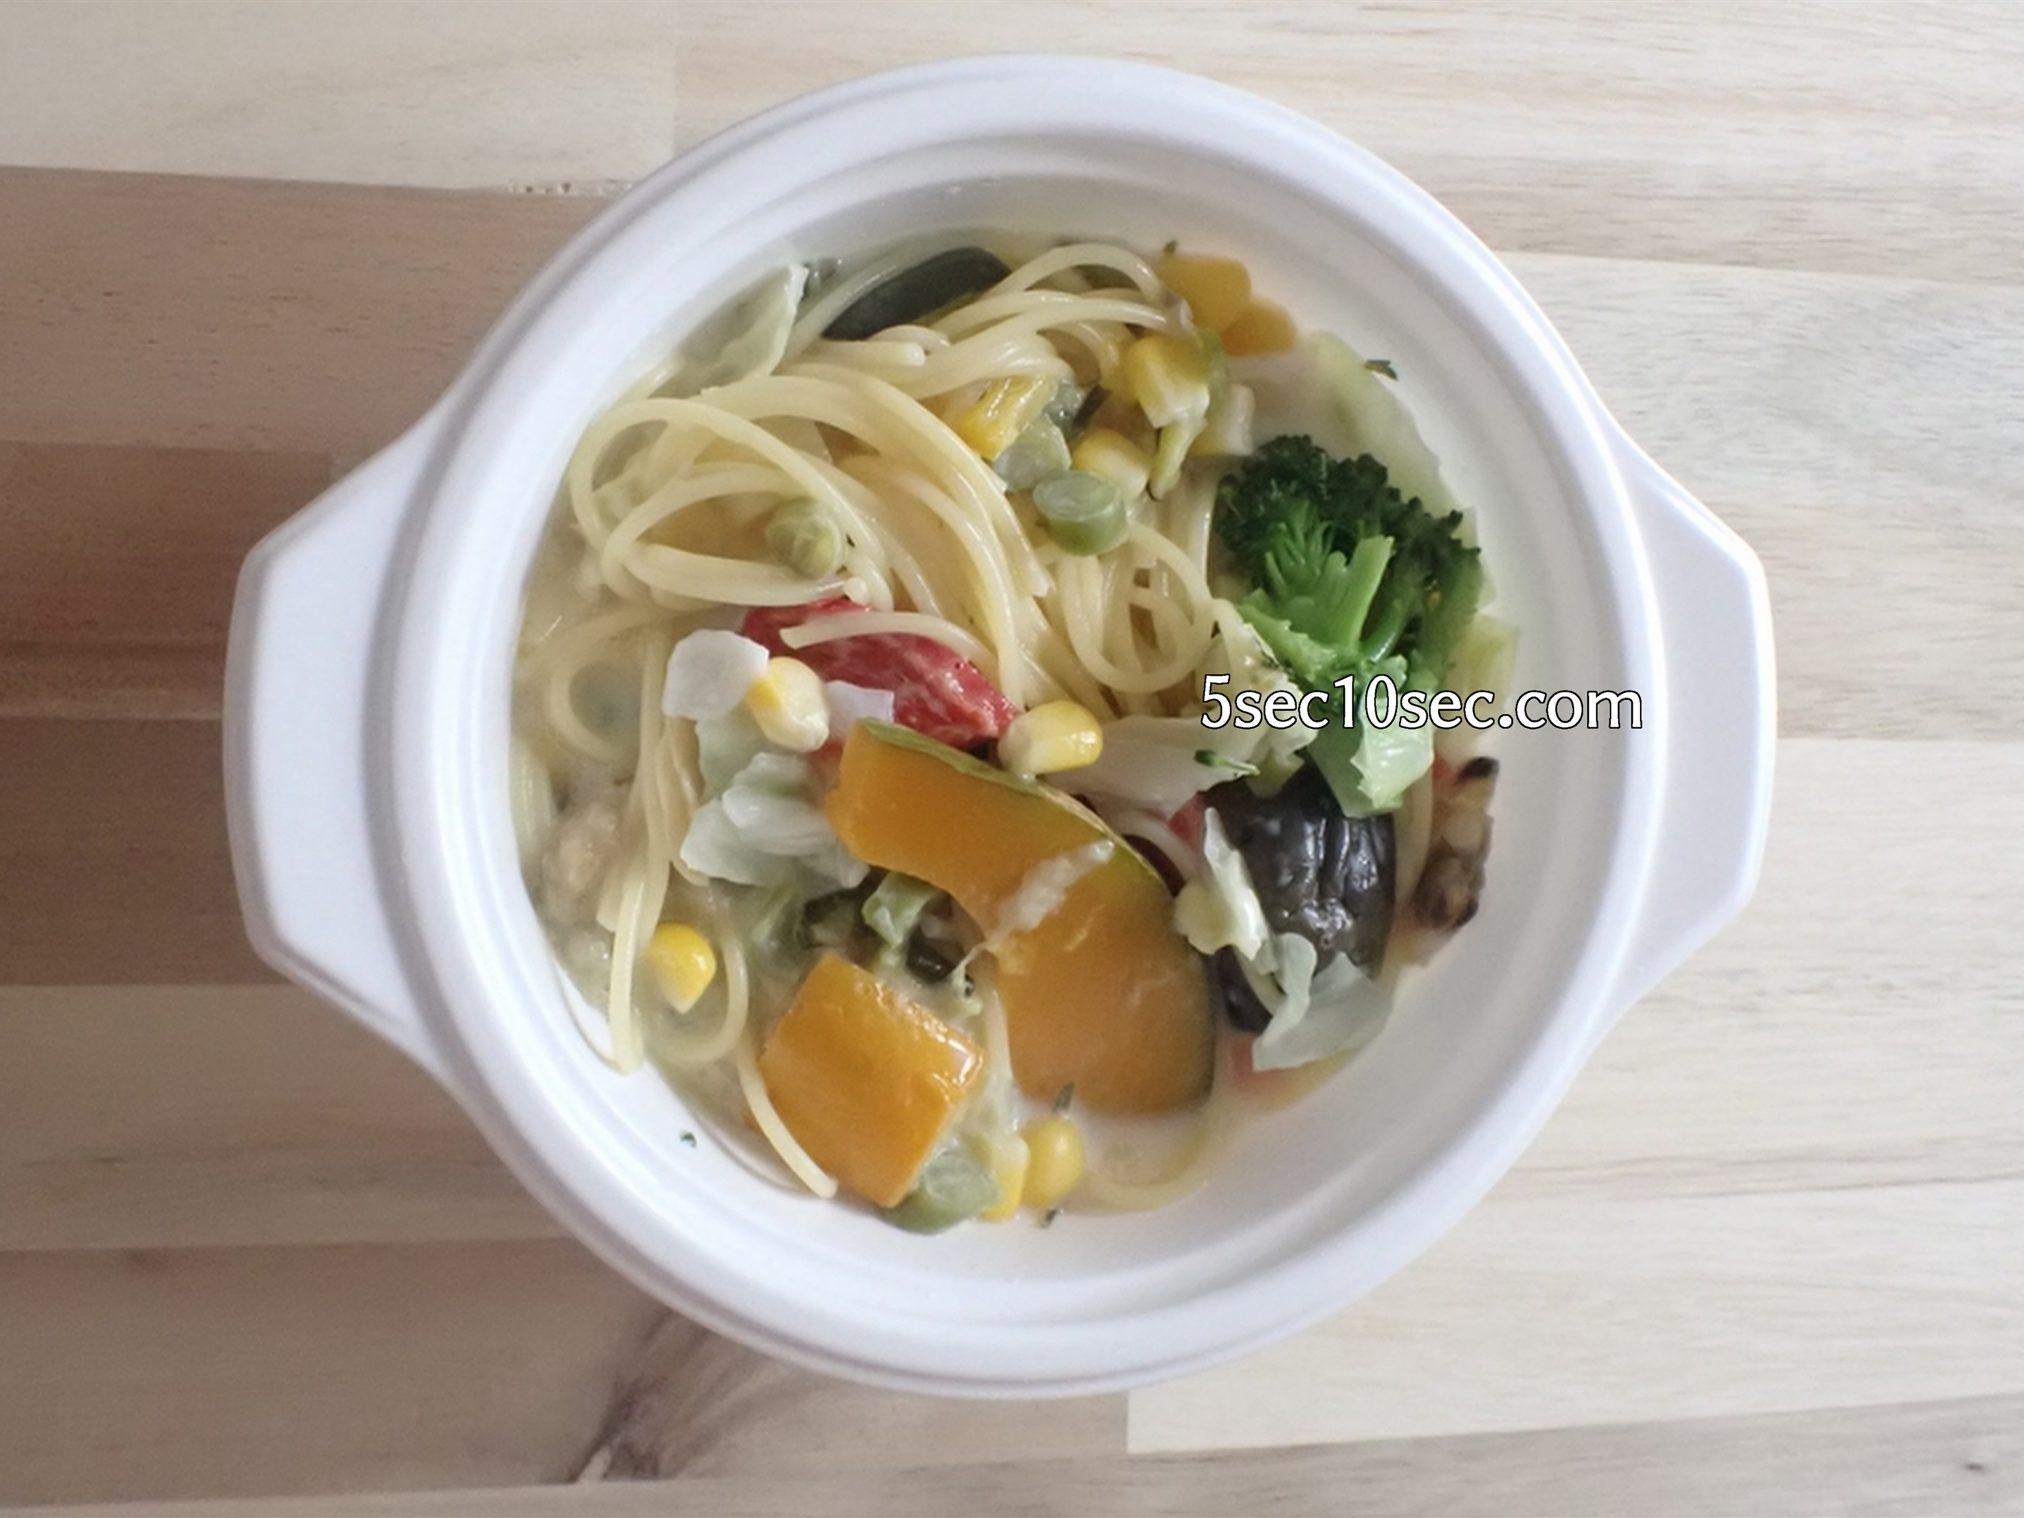 宅食 ウェルネスダイニング ベジ活スープ食 クラムチャウダー 茹でたパスタを入れてスープパスタとしても楽しめる